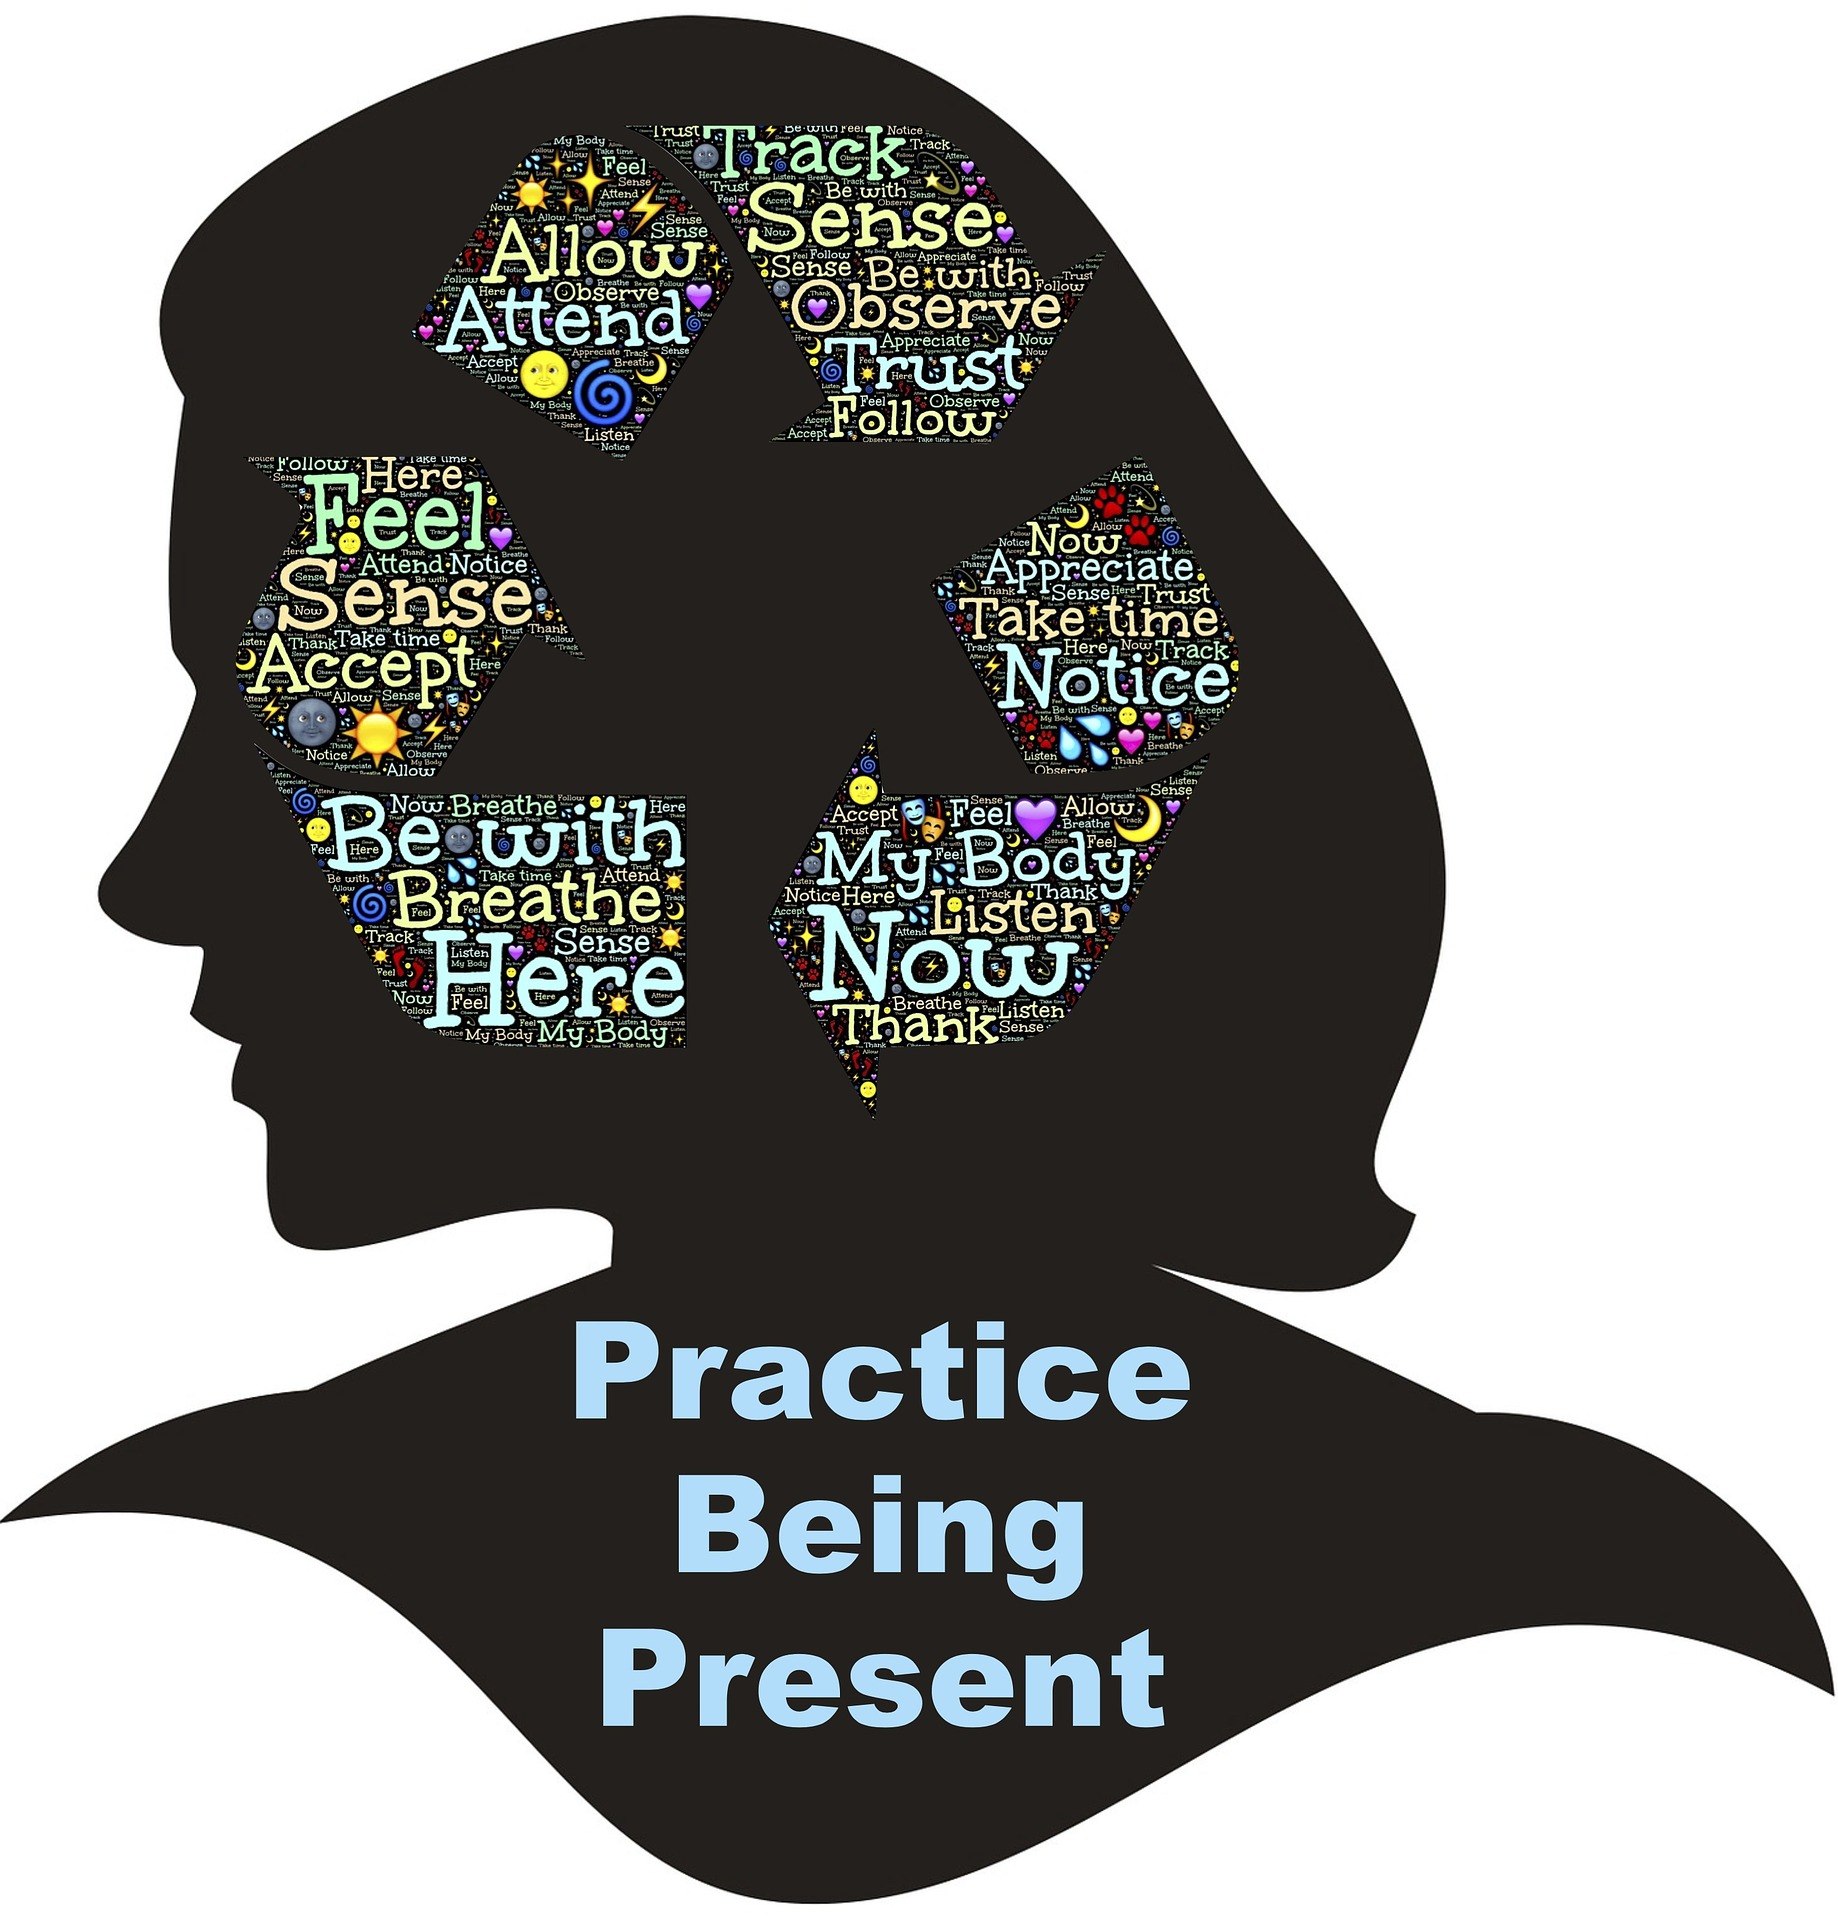 A tudatos jelenben lenni